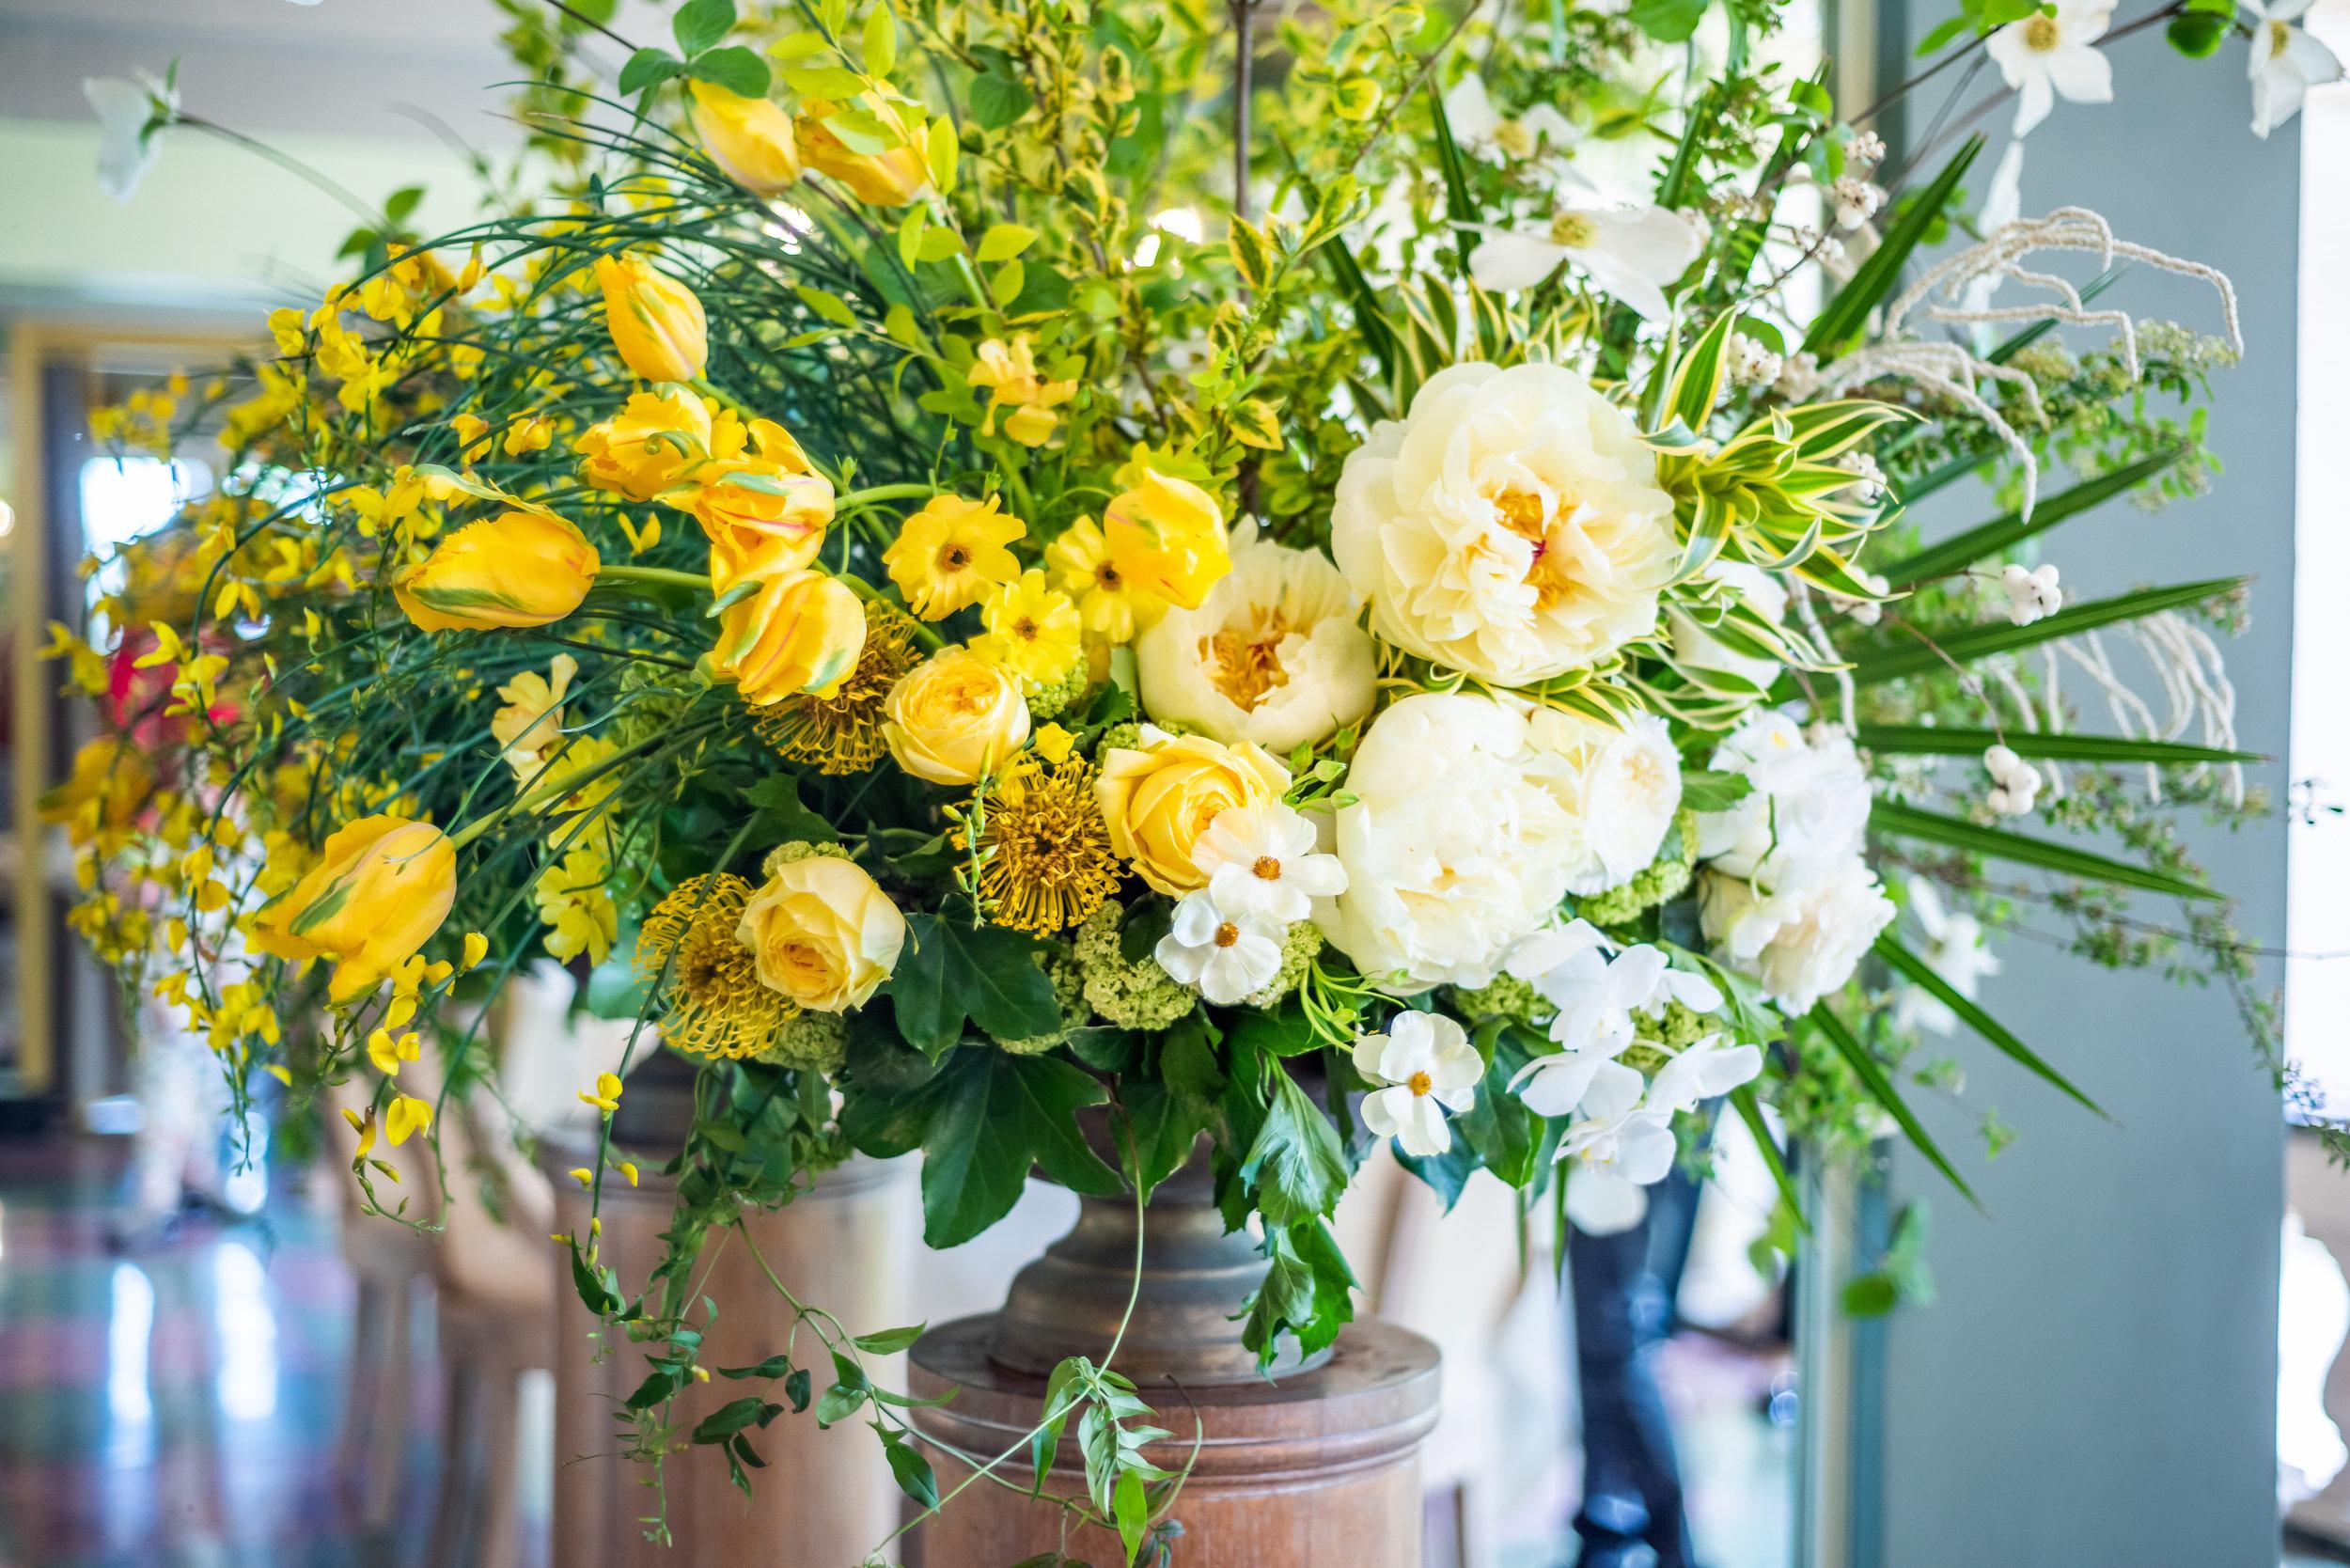 Flowermaid_RobinsonGardens_May2019.036.jpg